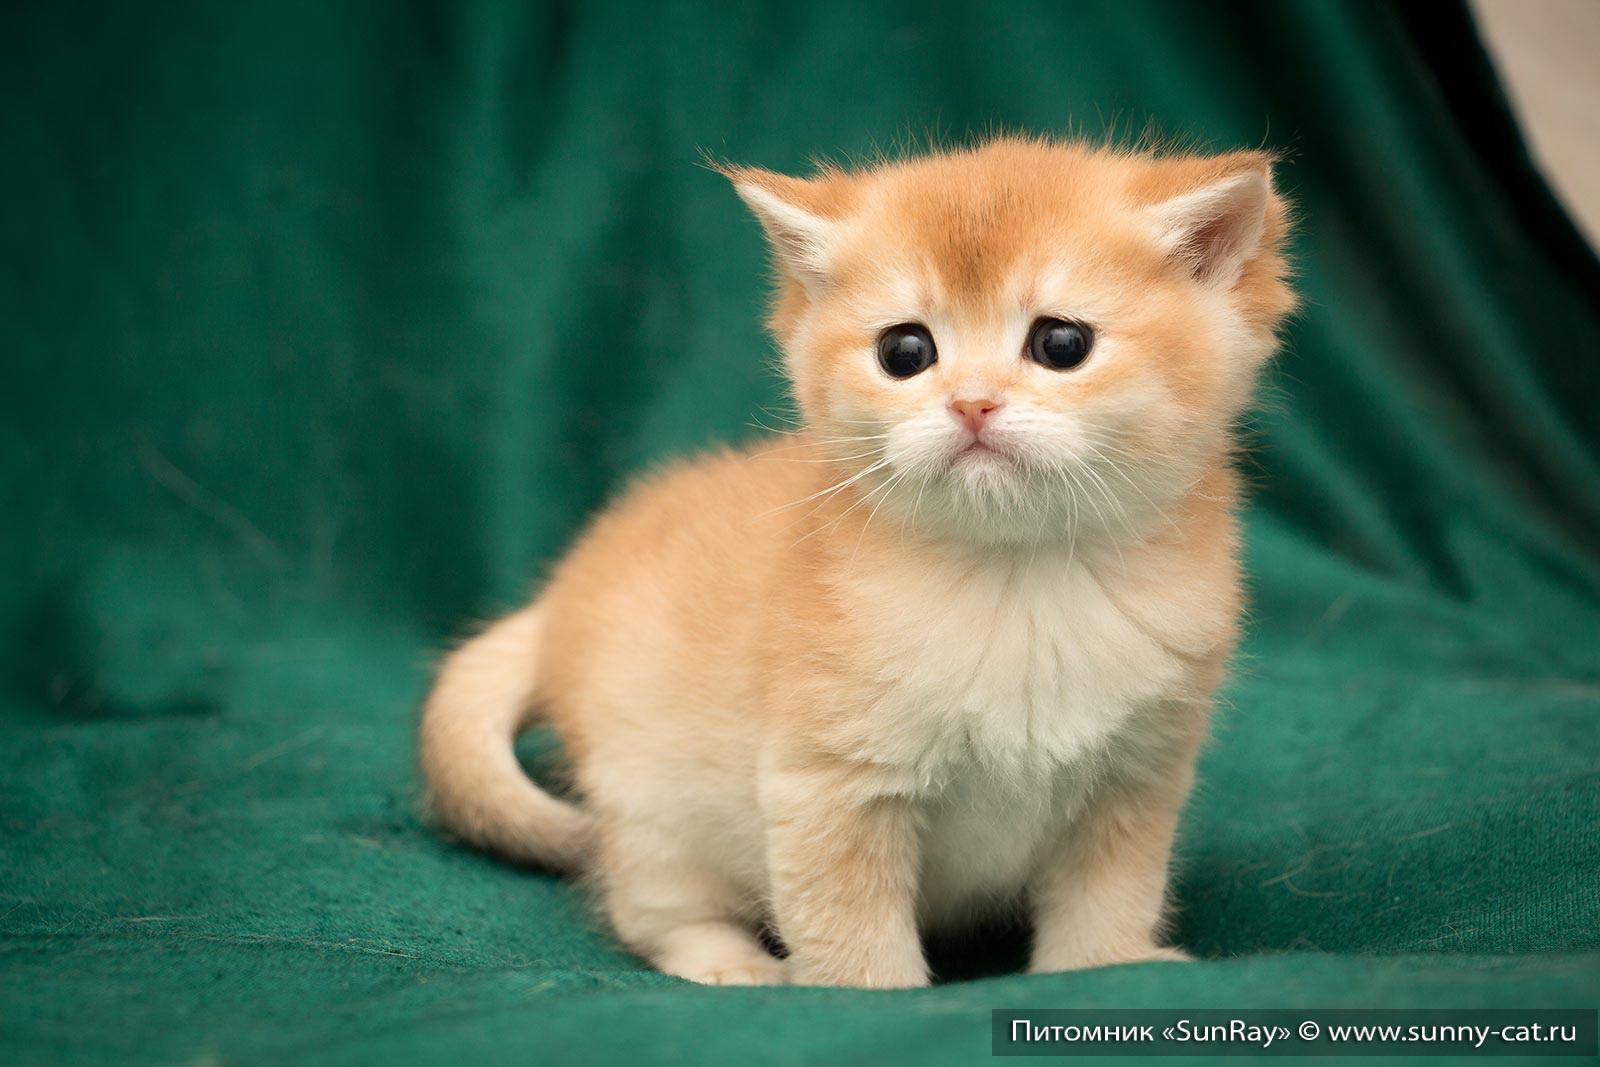 Купить Британского котенка в Москве  продажа котят из